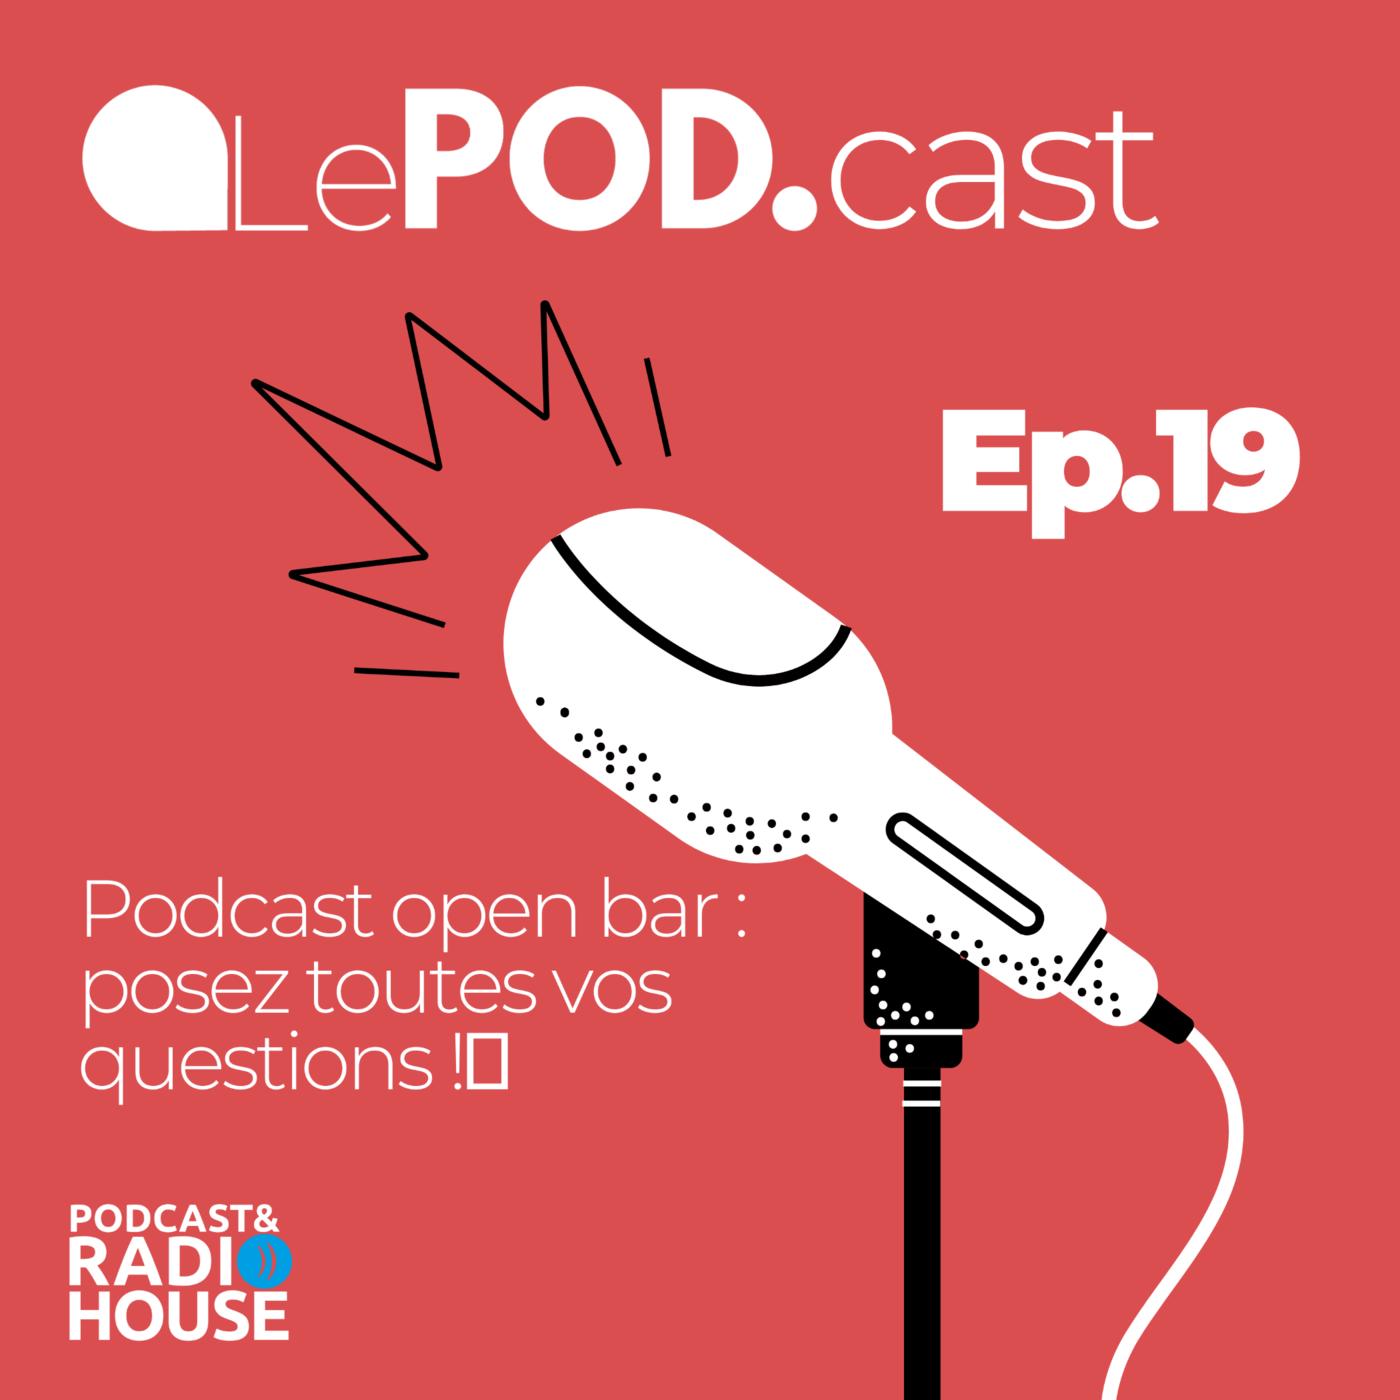 EP.19 - Podcast open bar : posez toutes vos questions ! - Le POD.